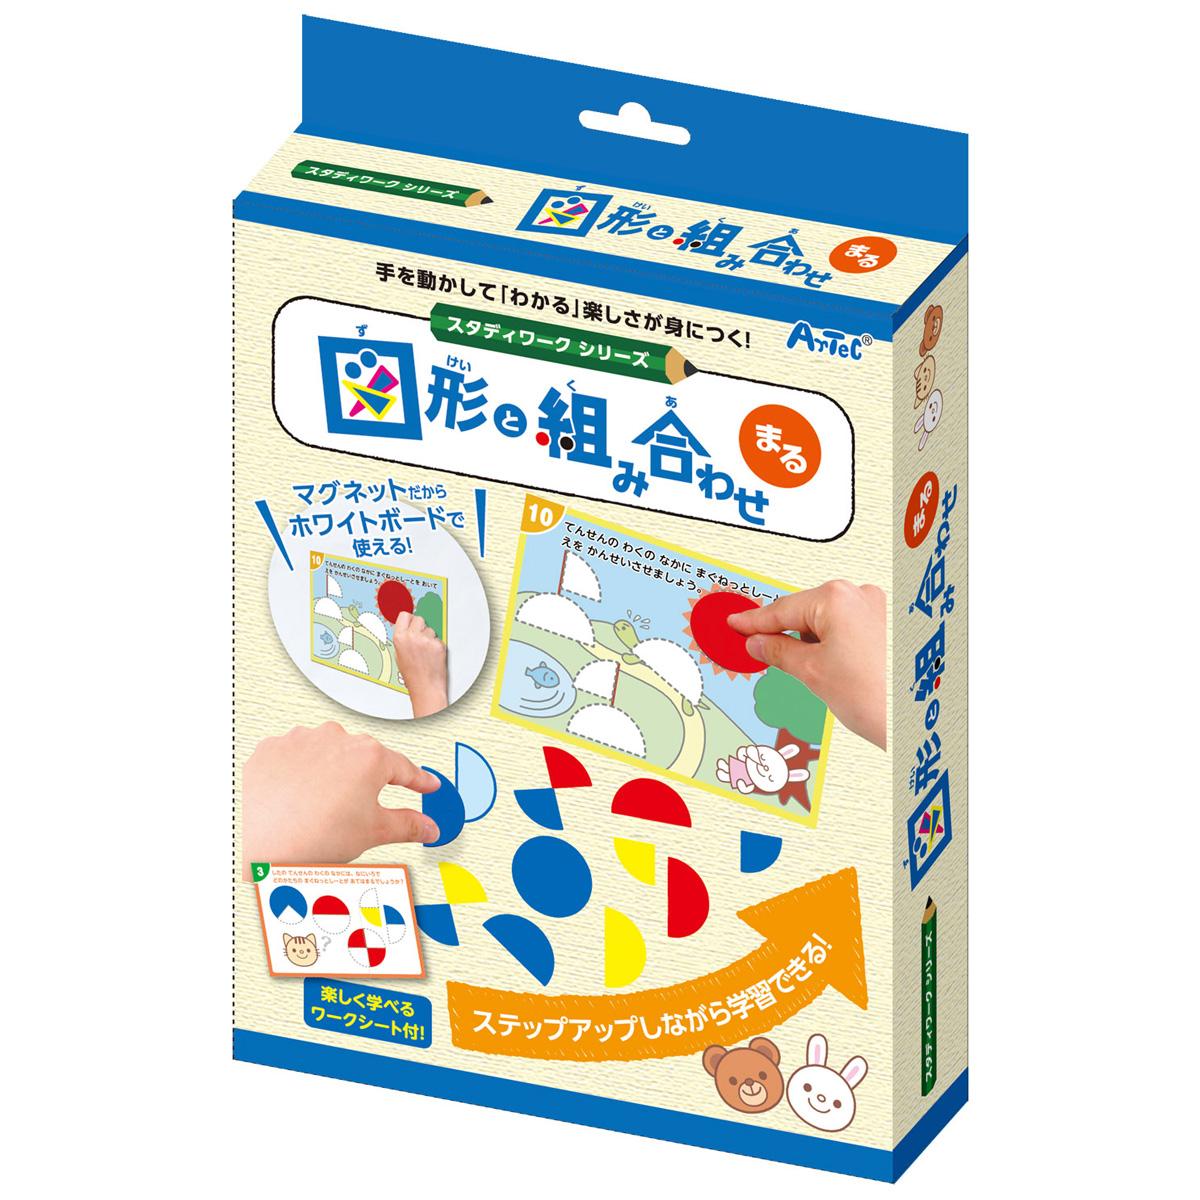 スタディーワーク 図形と組み合わせ まる マグネットシート 知育玩具 こども 学習 クリスマスプレゼント